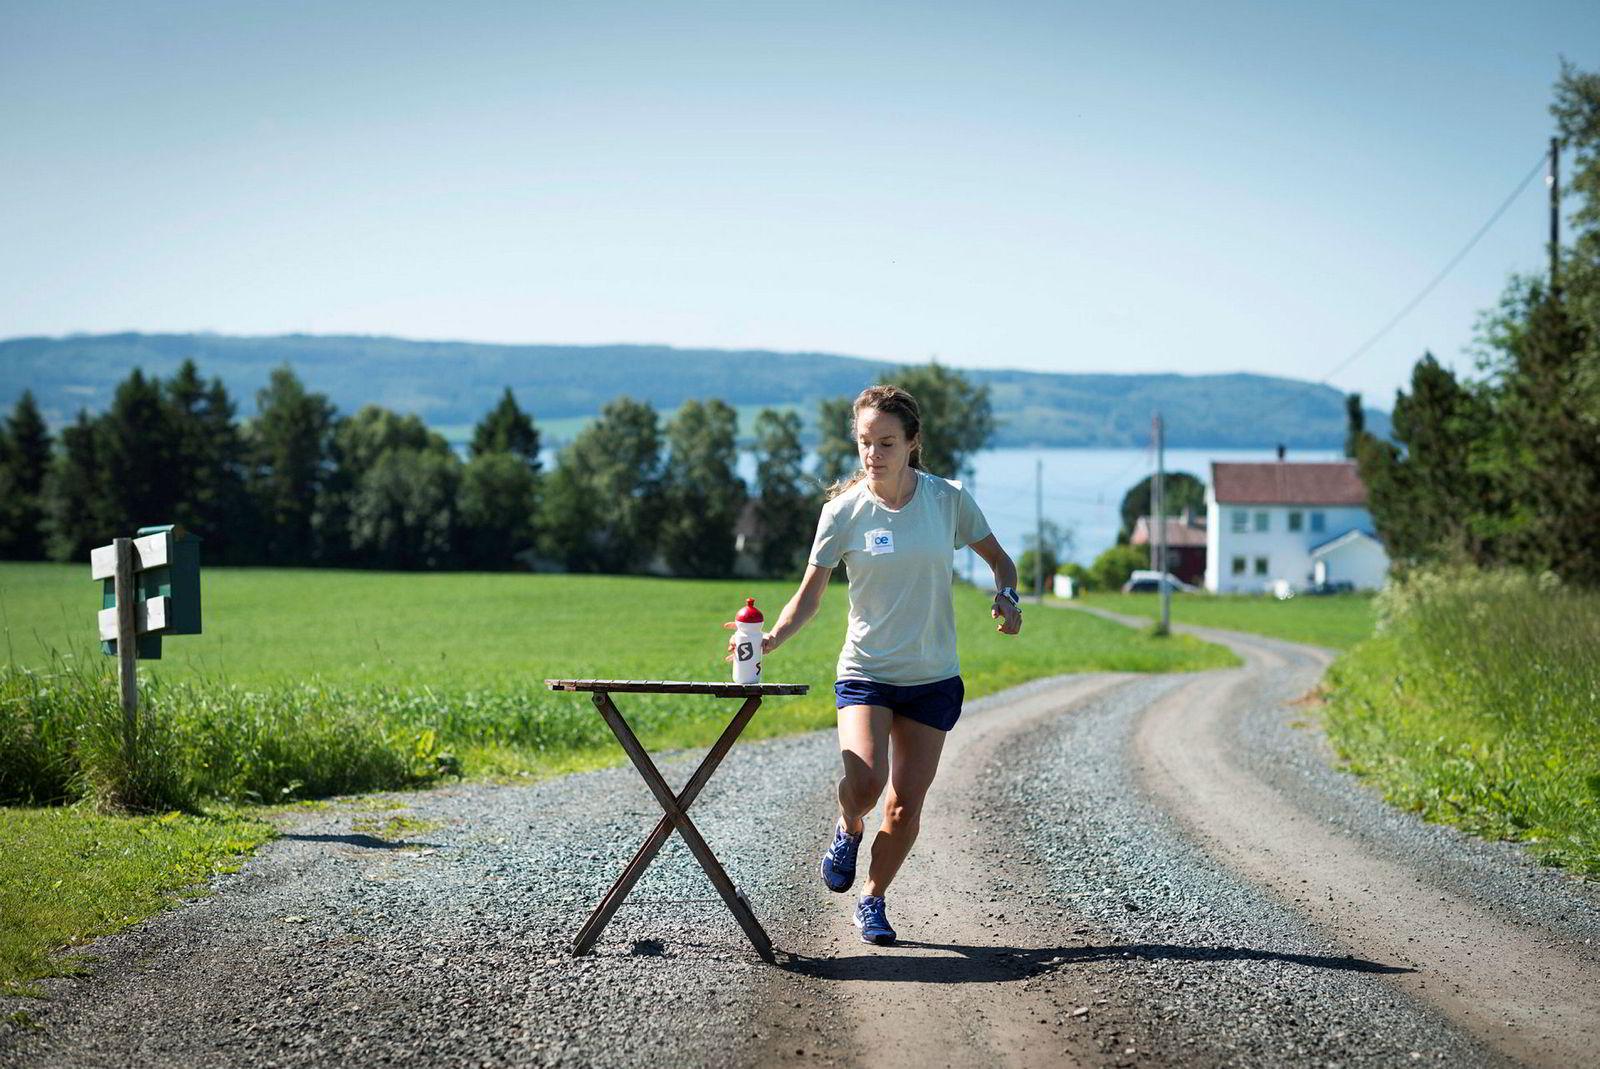 Trener på å drikke. Detaljene må være på plass før et maratonløp. Runa Skrove Falch har satt ut bordet og trener på å drikke underveis. Hver femte kilometer er hun innom bordet, akkurat så ofte som hun drikker under en maraton.